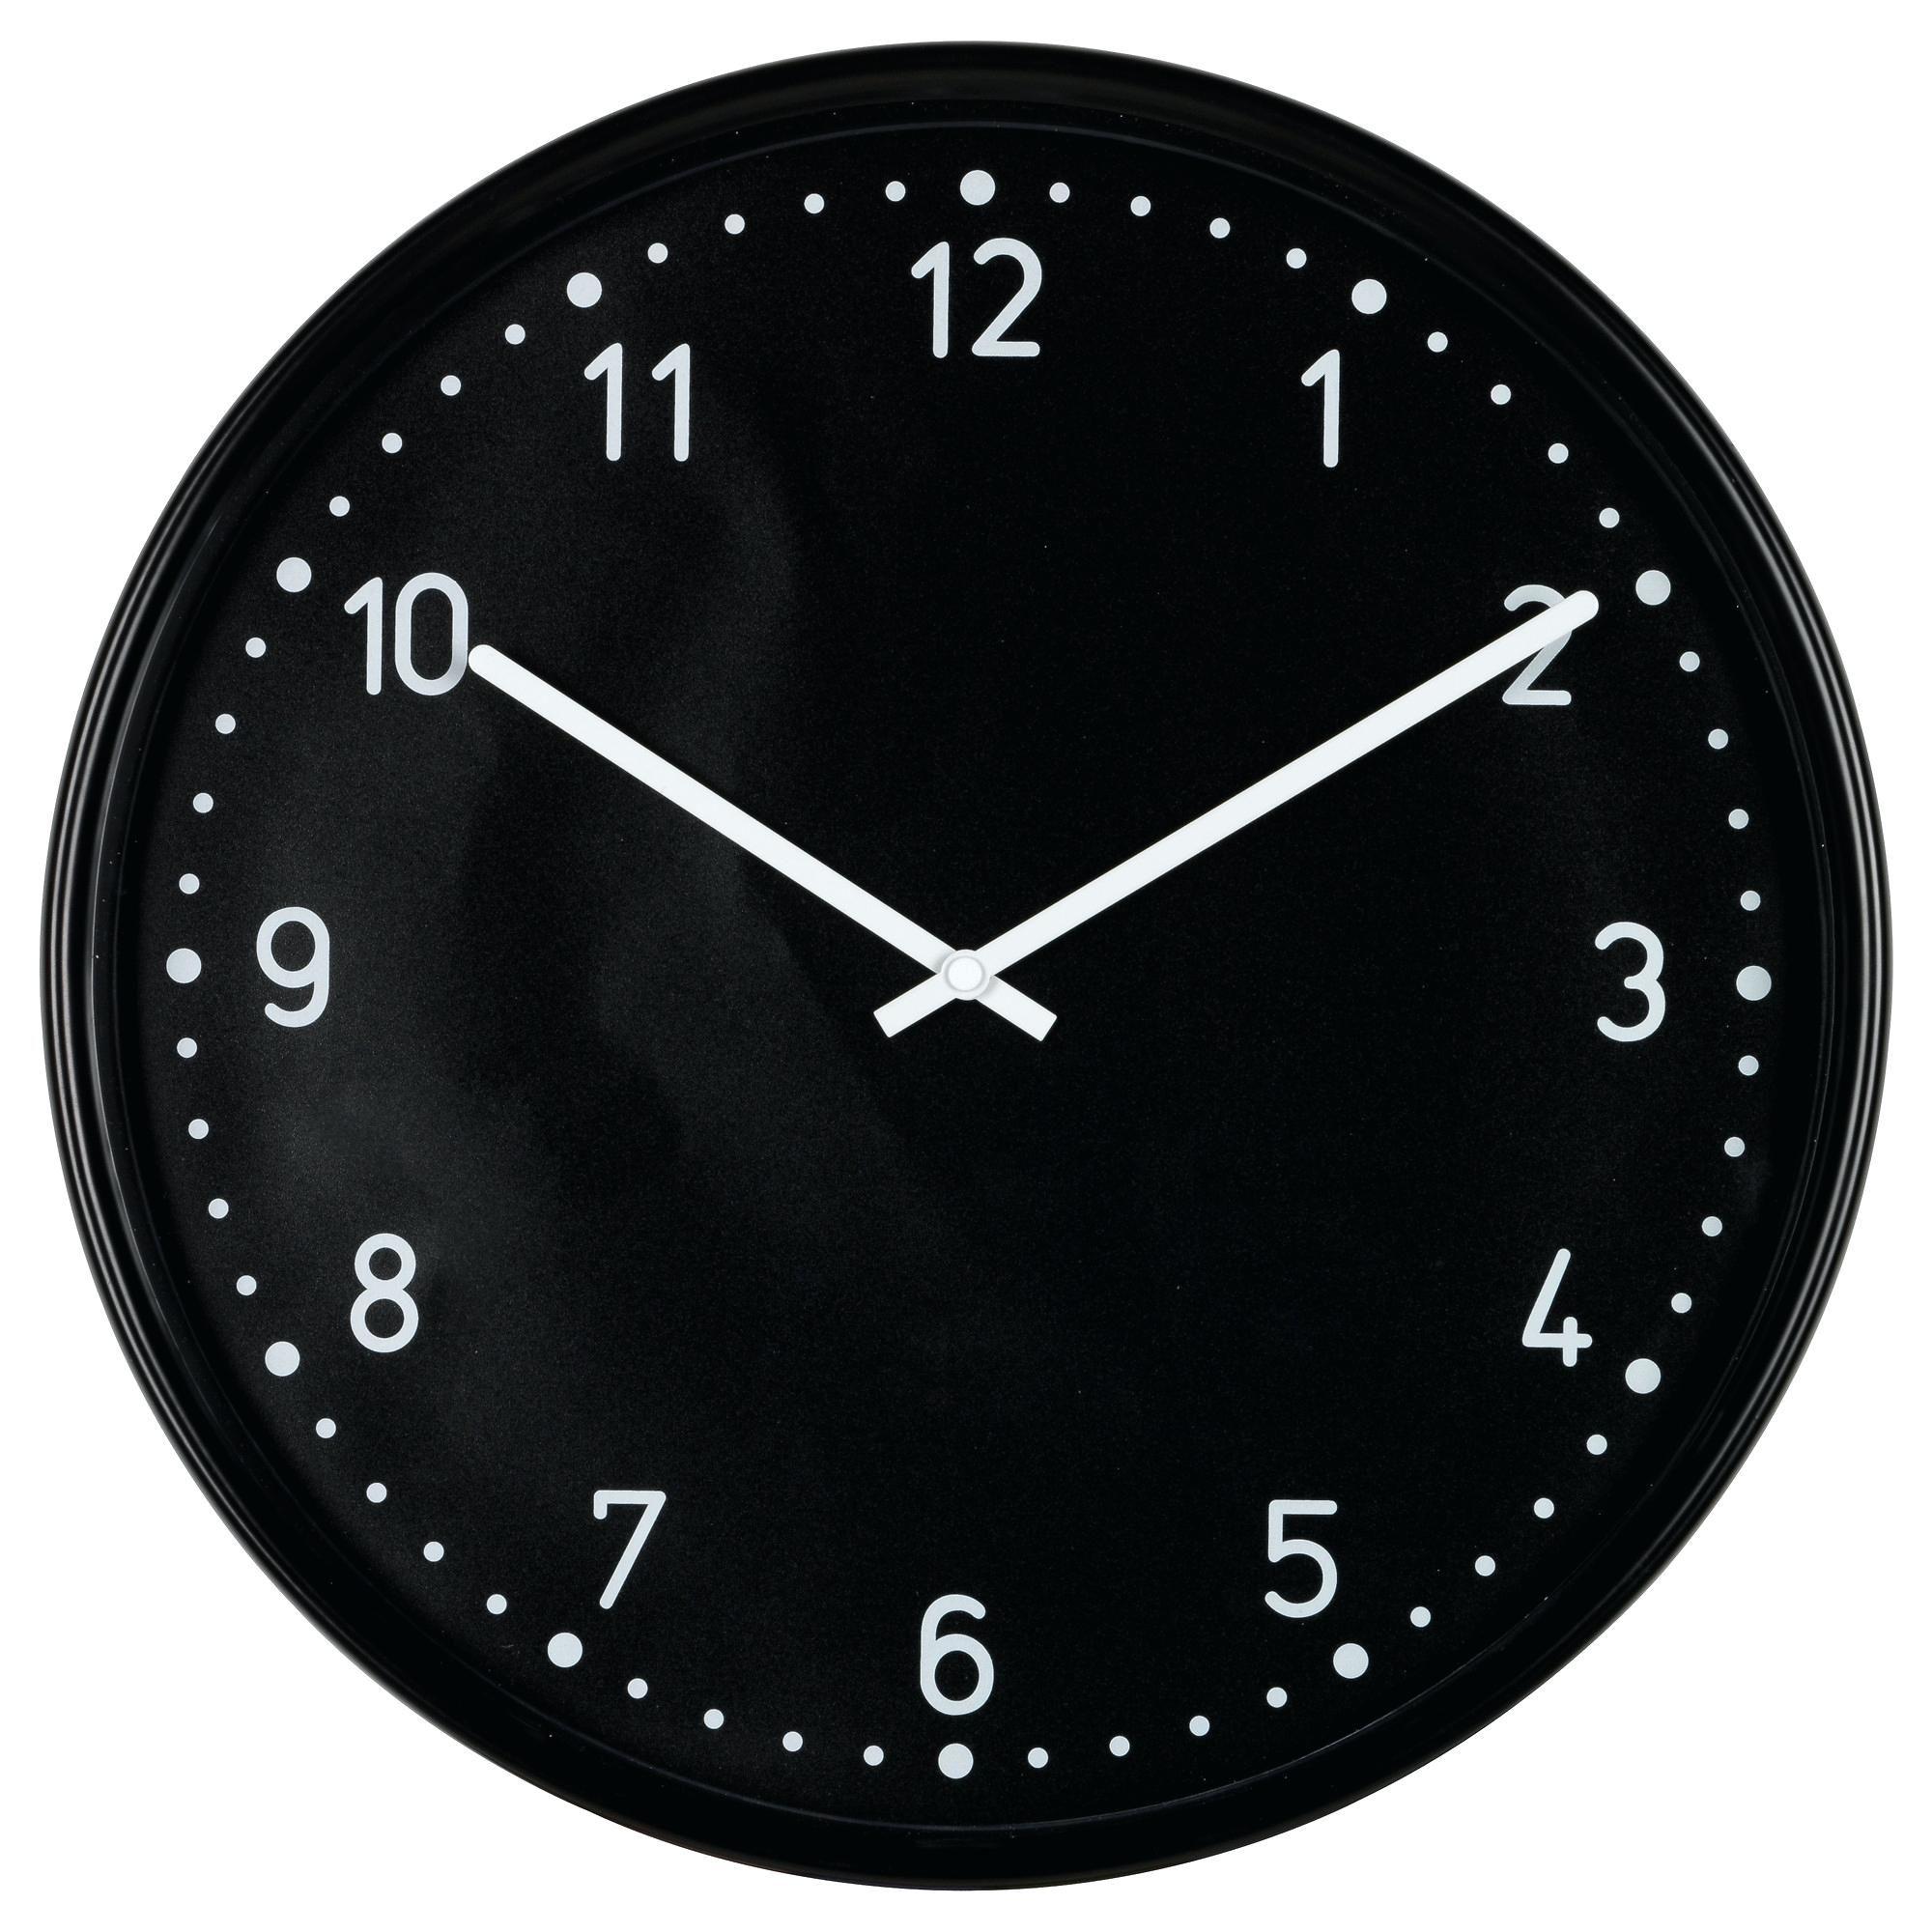 Small Copper Kitchen Wall Clock